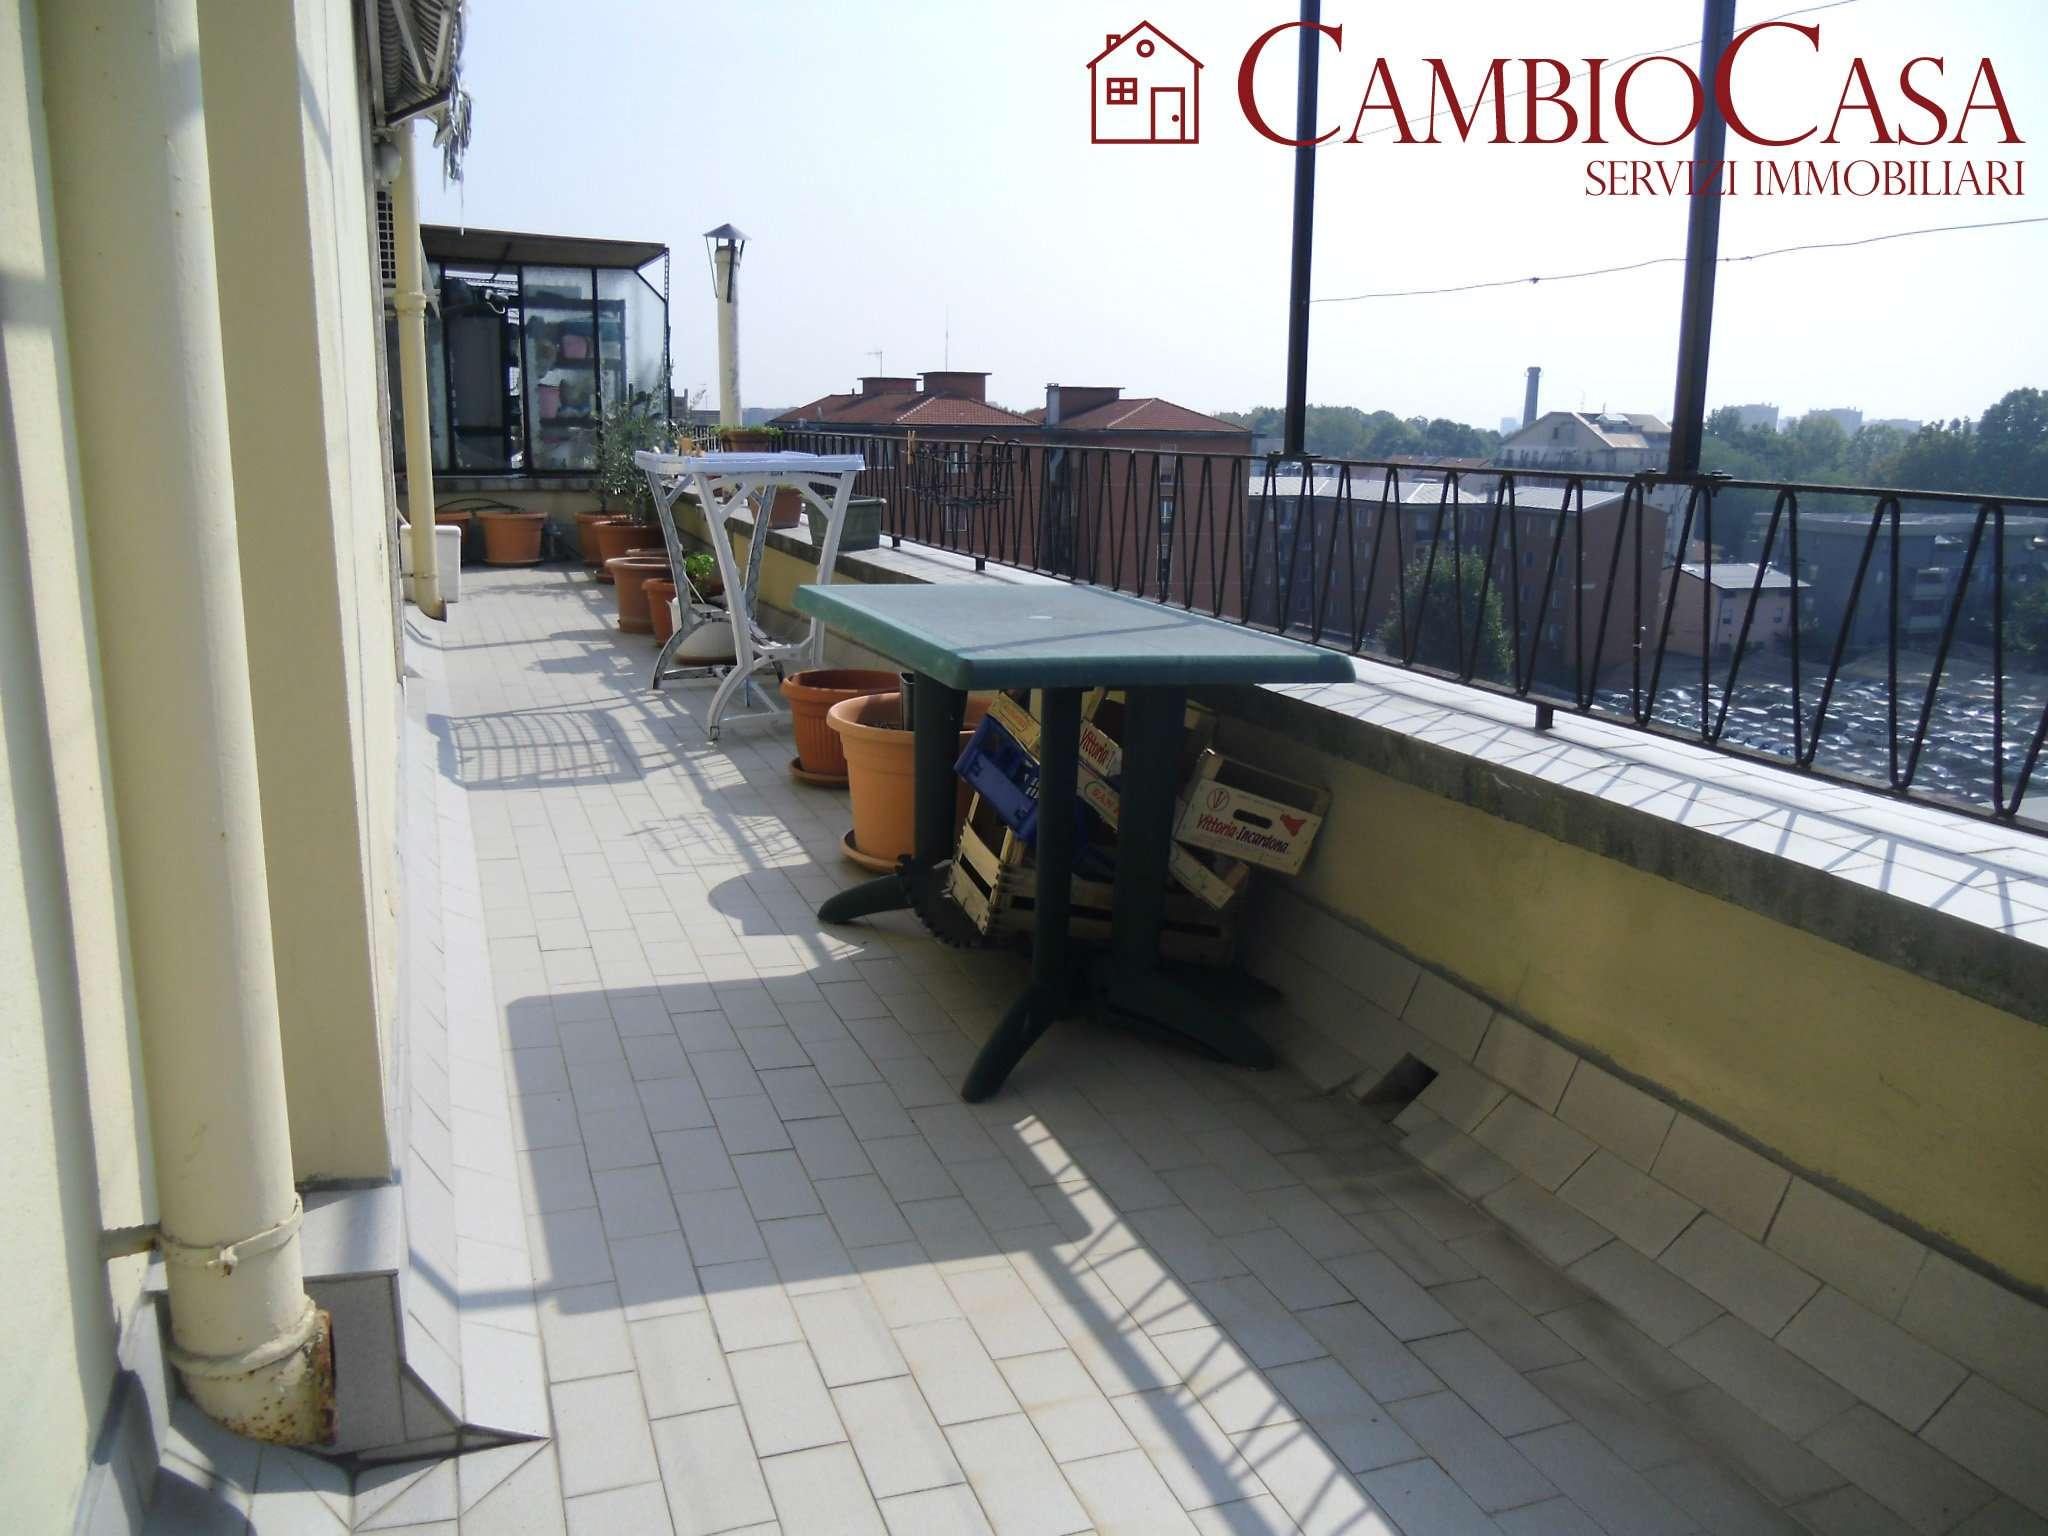 Appartamento in vendita a Baranzate, 3 locali, prezzo € 108.000 | CambioCasa.it